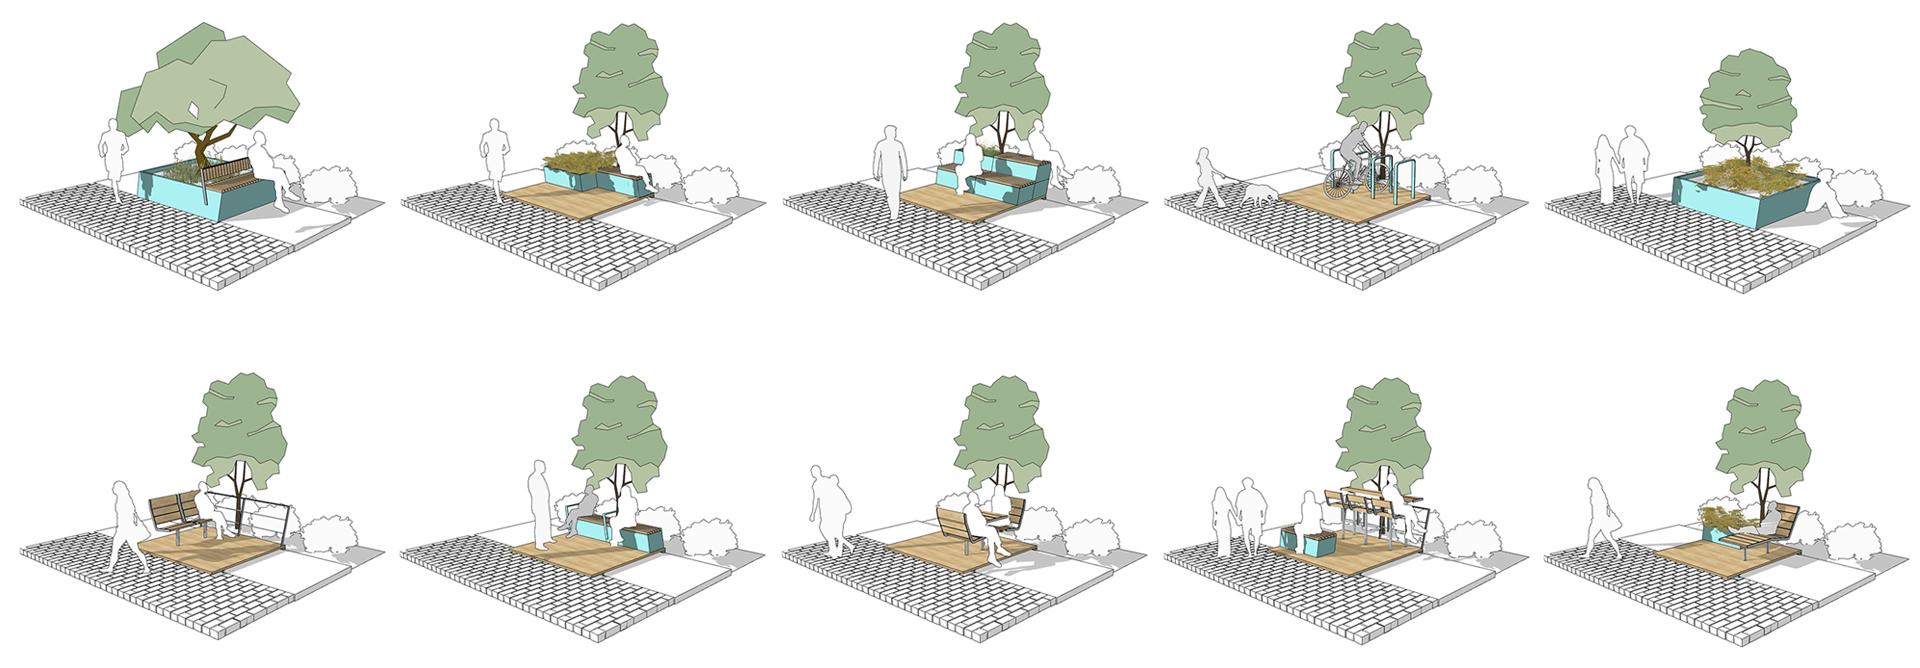 Oturma Birimlerin Diagramları